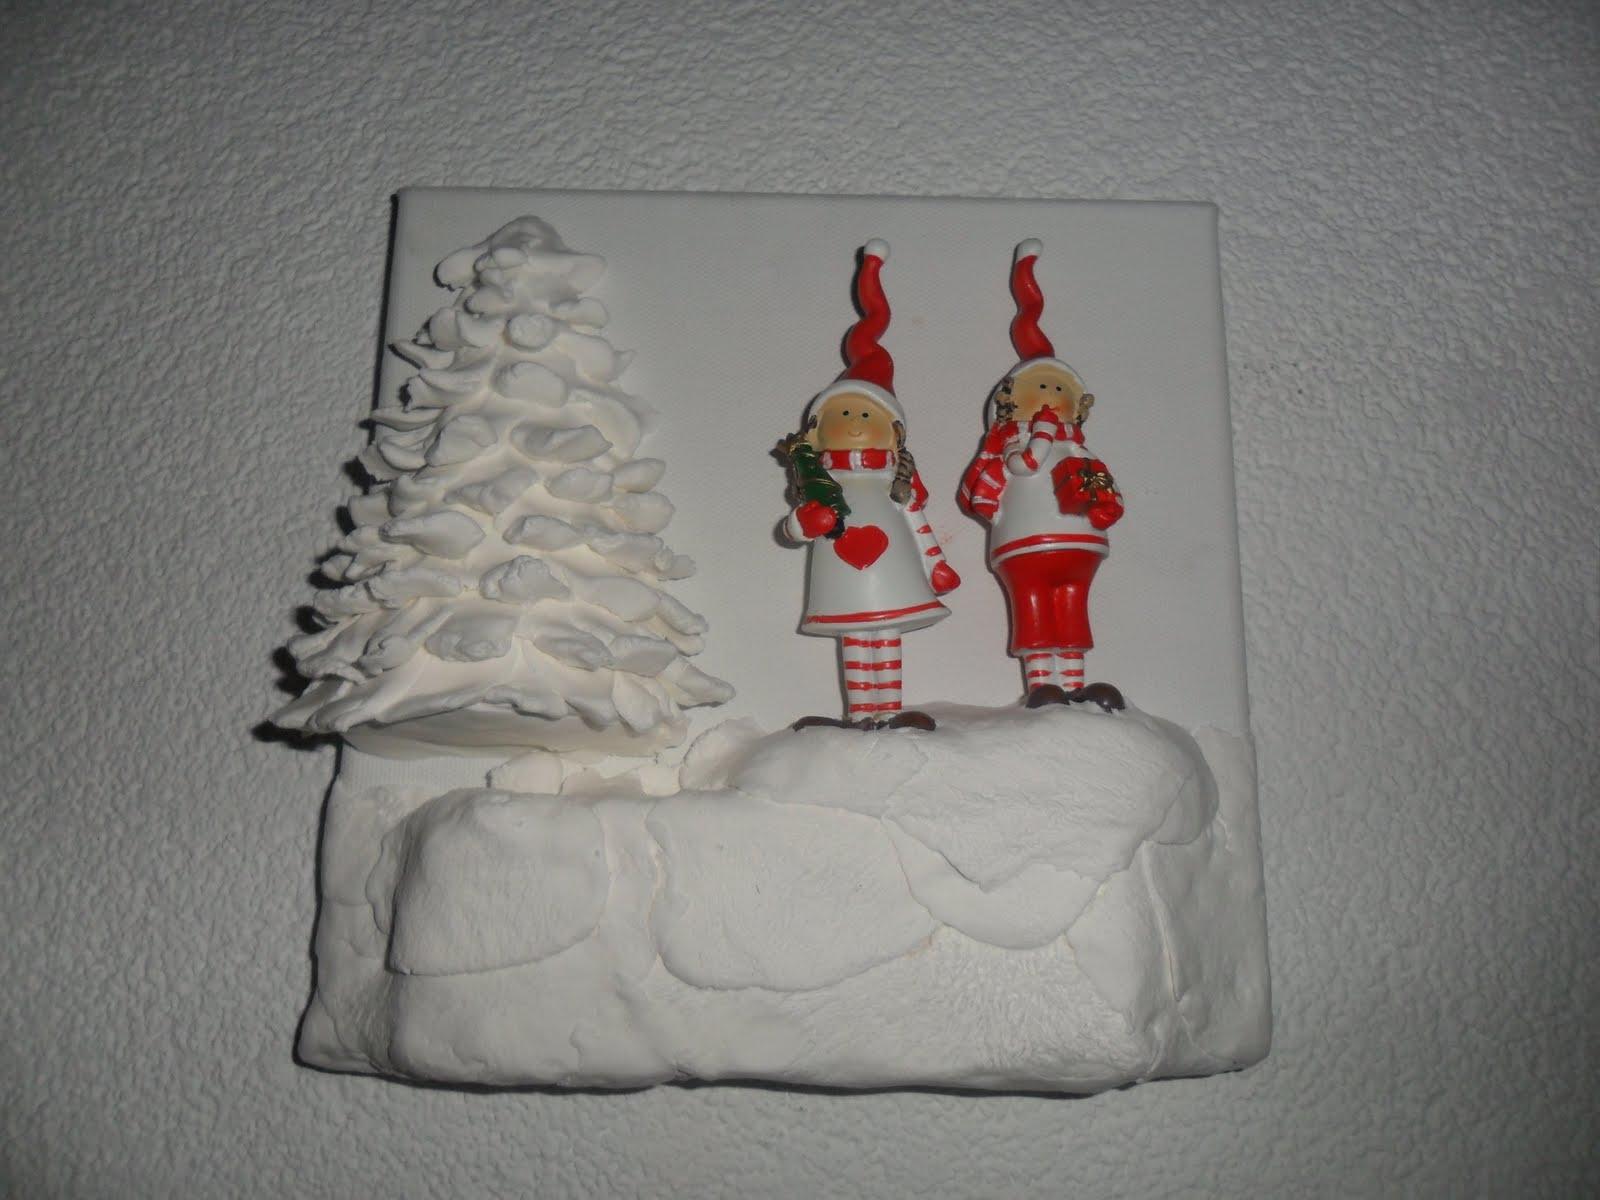 Zeeuwsmeisje 17 december 2011 - Schilderij kamer jongen jaar ...